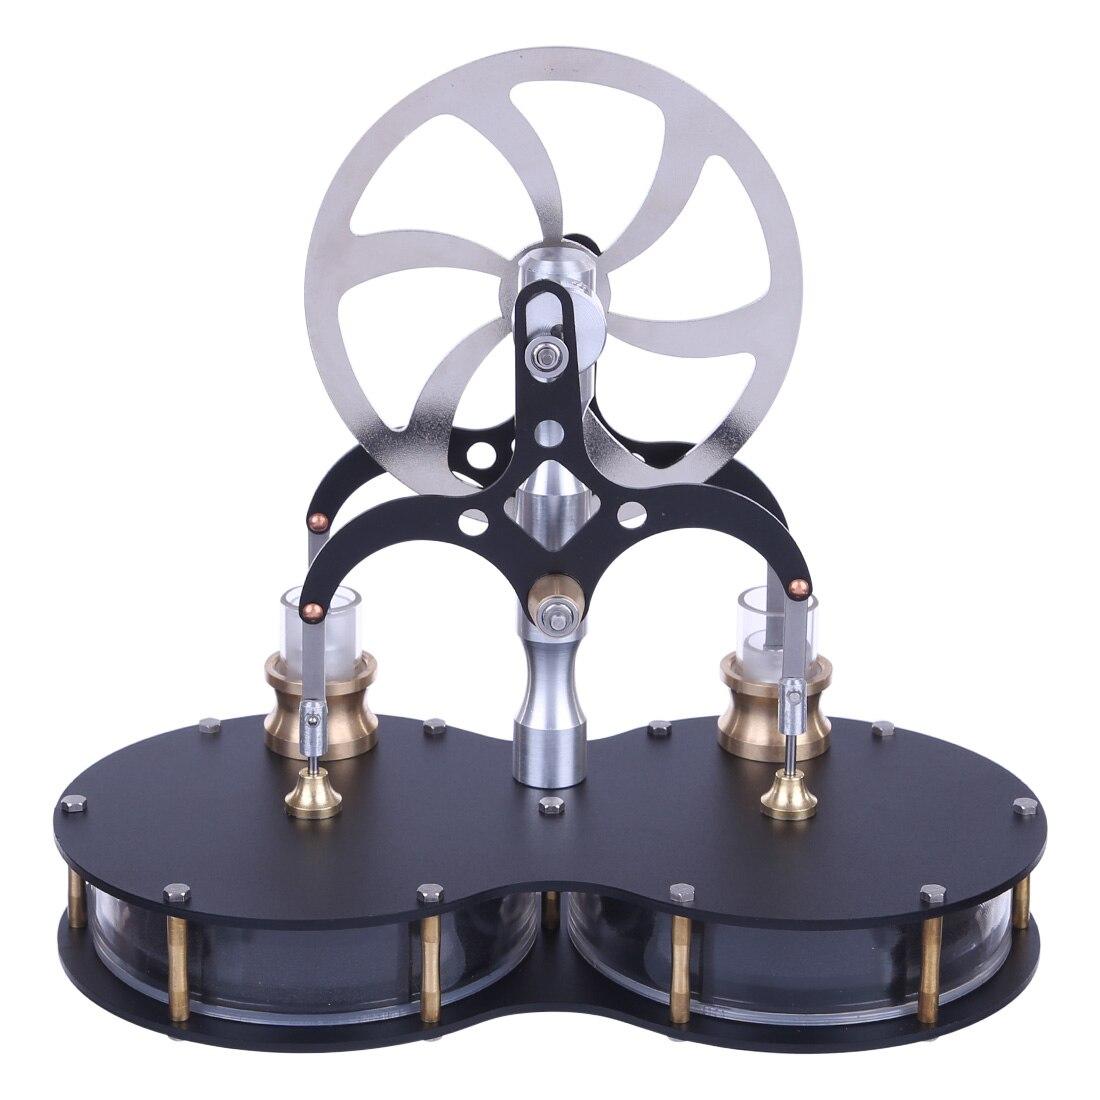 2019 nouveau assemblé en forme d'arachide Double cylindre Balance basse température différence Stirling moteur modèle éducatif modèle